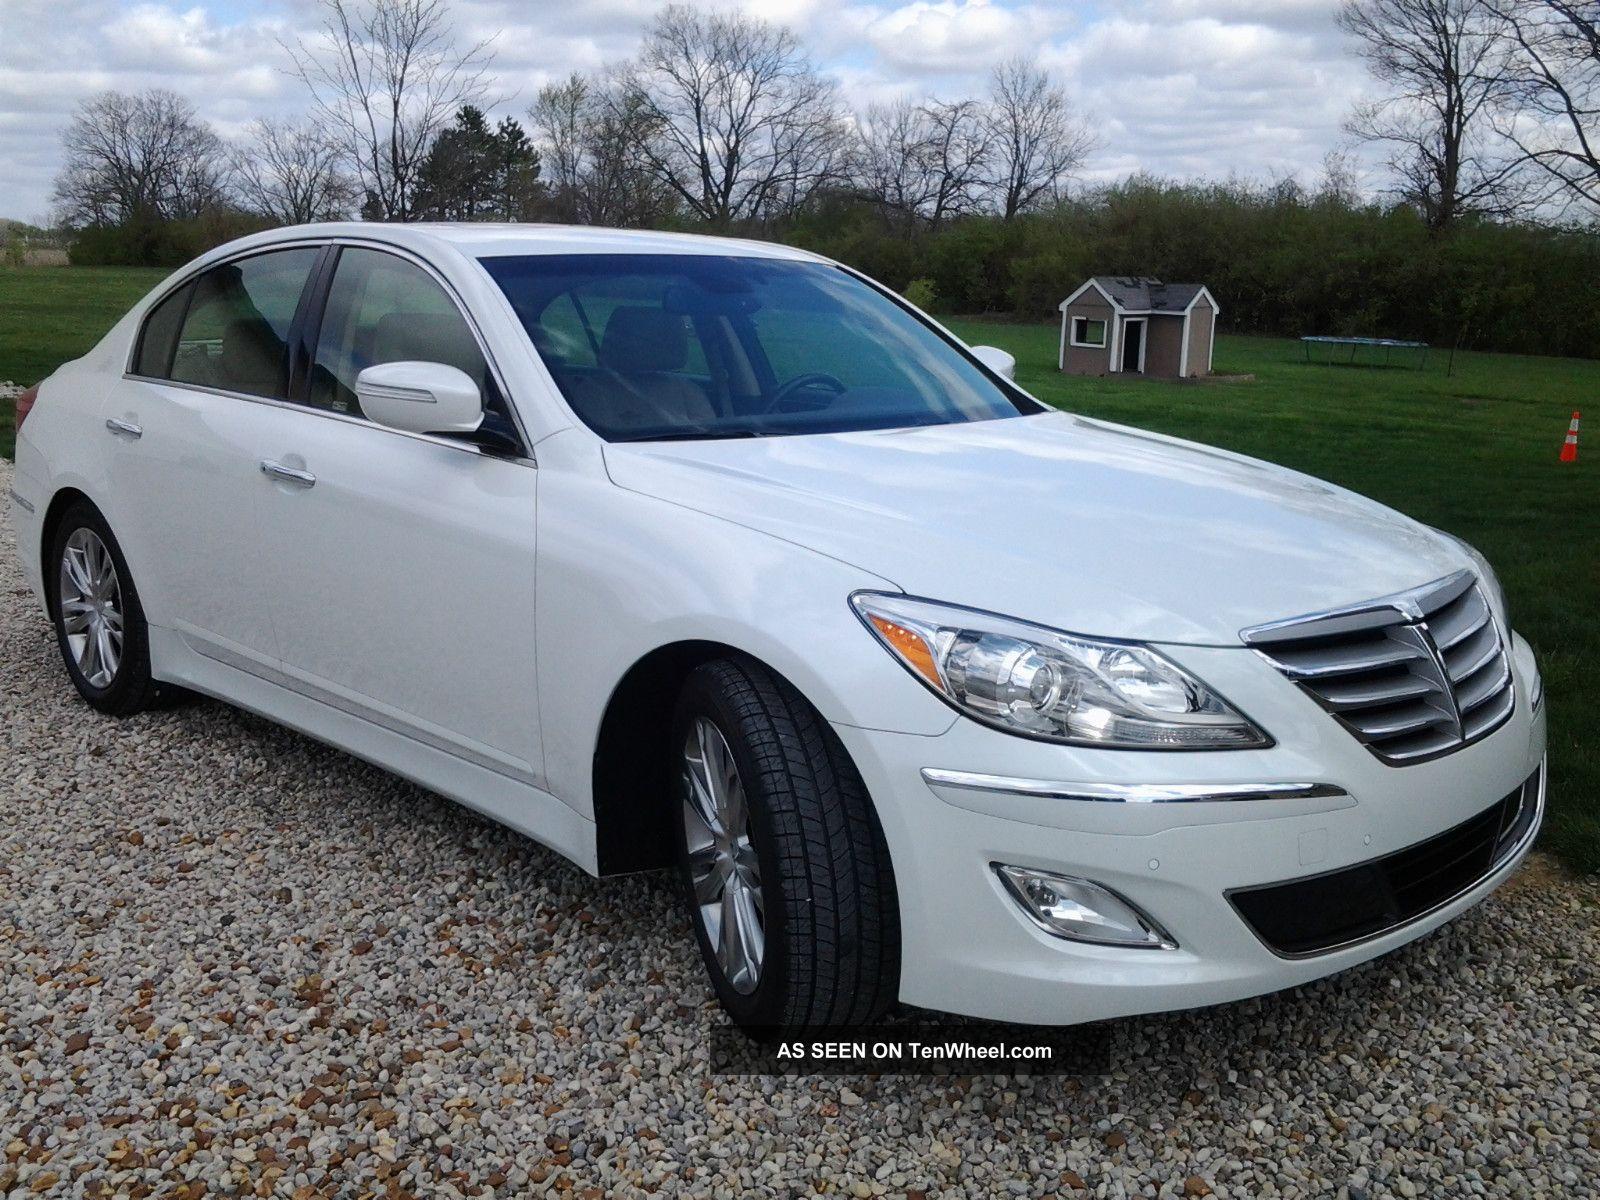 2012 White Hyundai Genesis Sedan 3 8 Cashmere Interior